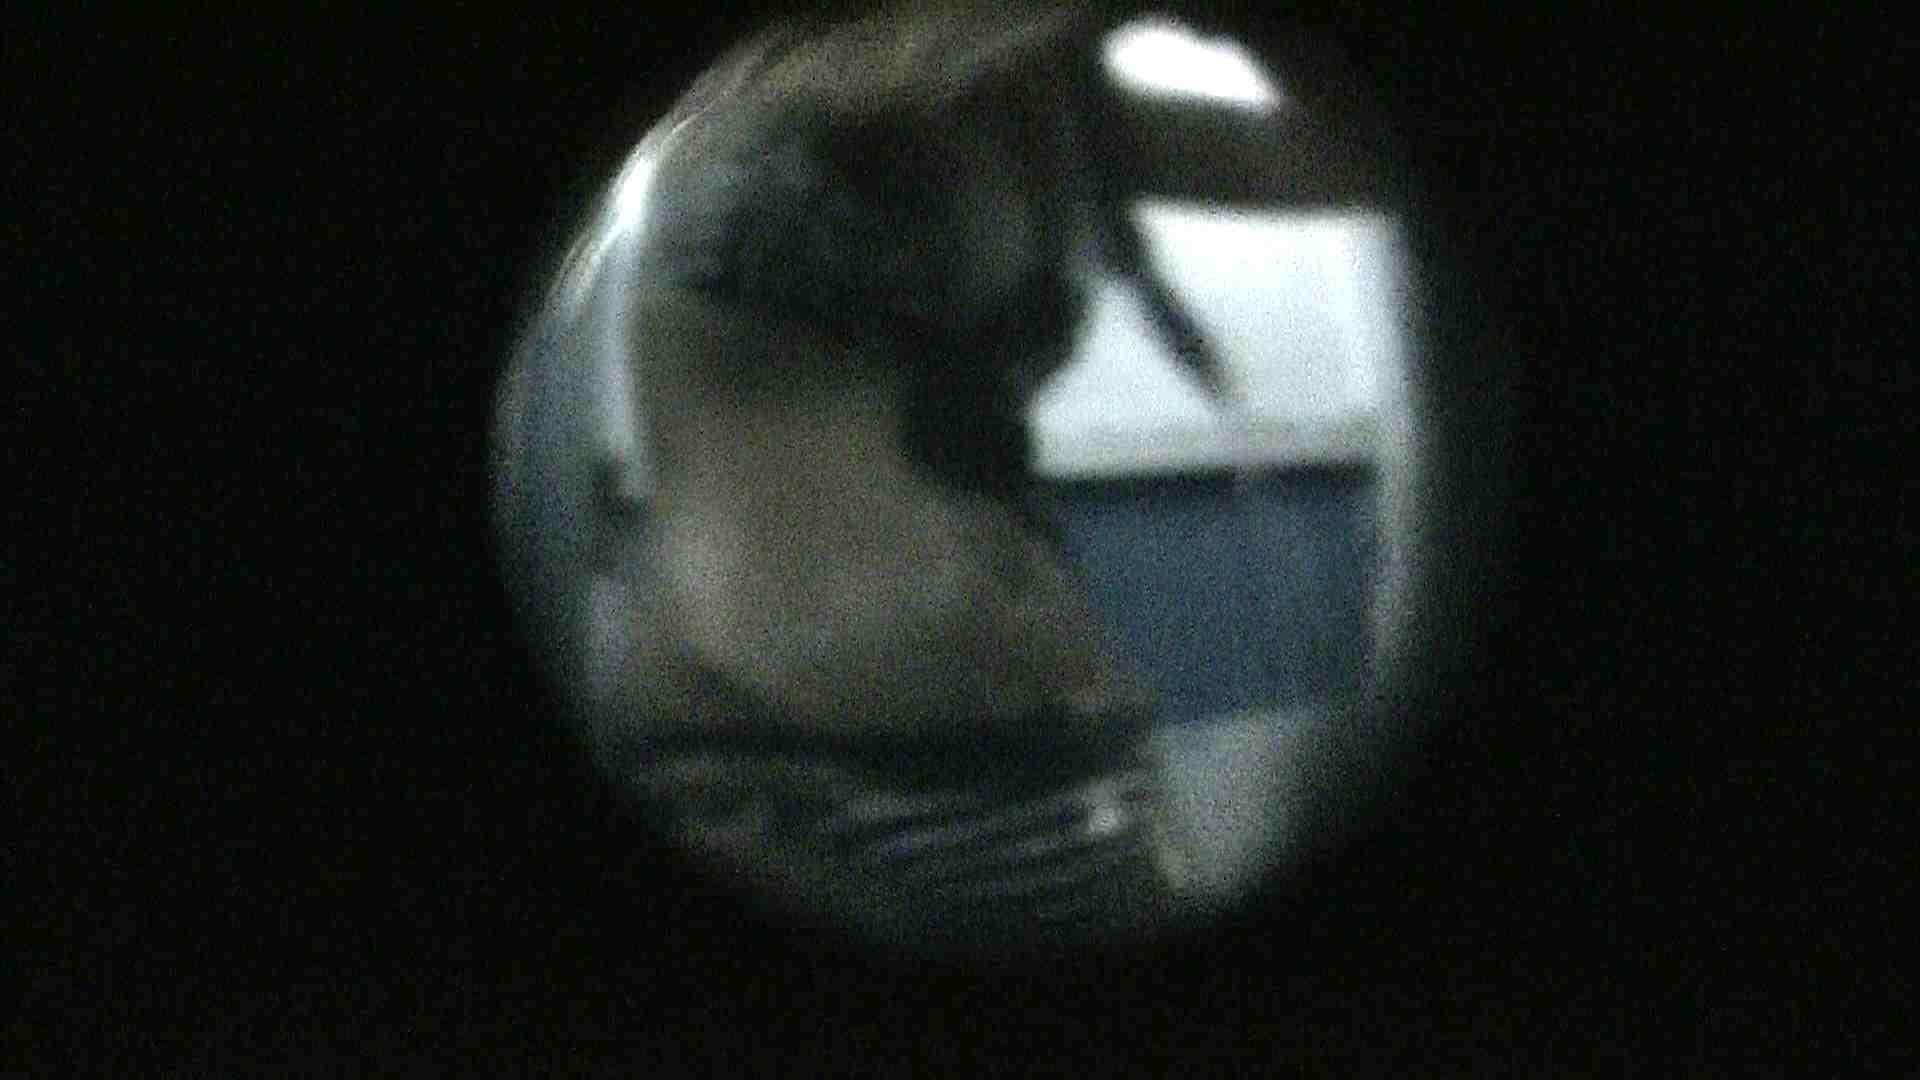 NO.13 暗いですが豪快な砂落としが好印象 シャワー室 ワレメ動画紹介 89画像 29